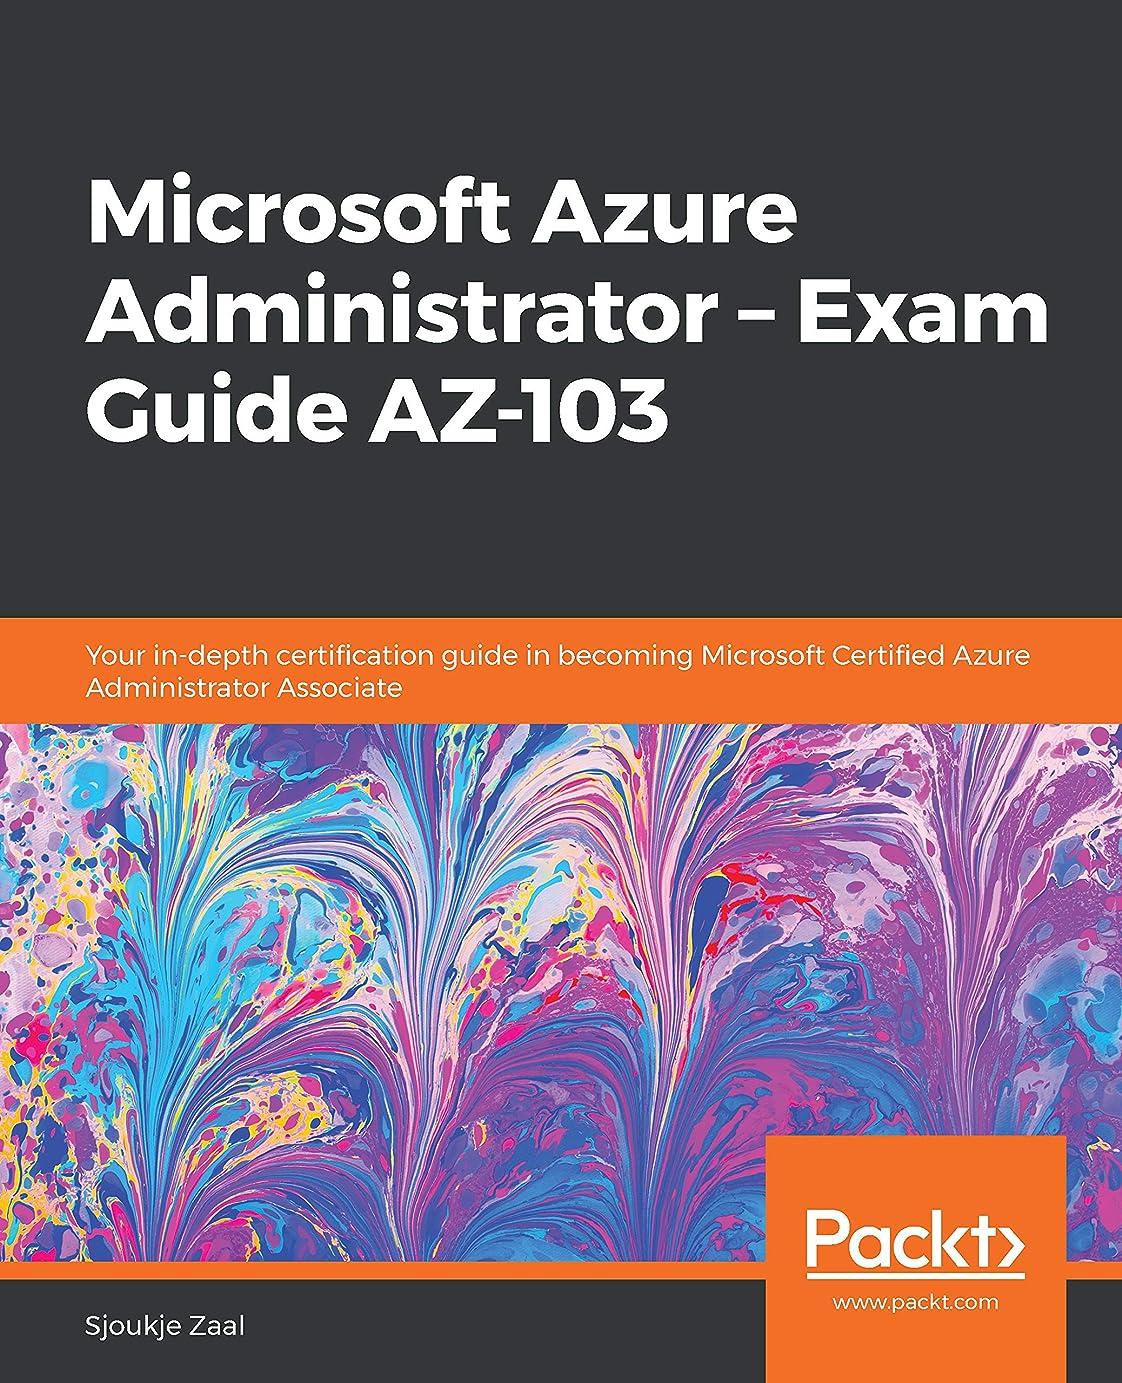 限界いとこ洞察力のあるMicrosoft Azure Administrator – Exam Guide AZ-103: Your in-depth certification guide in becoming Microsoft Certified Azure Administrator Associate (English Edition)